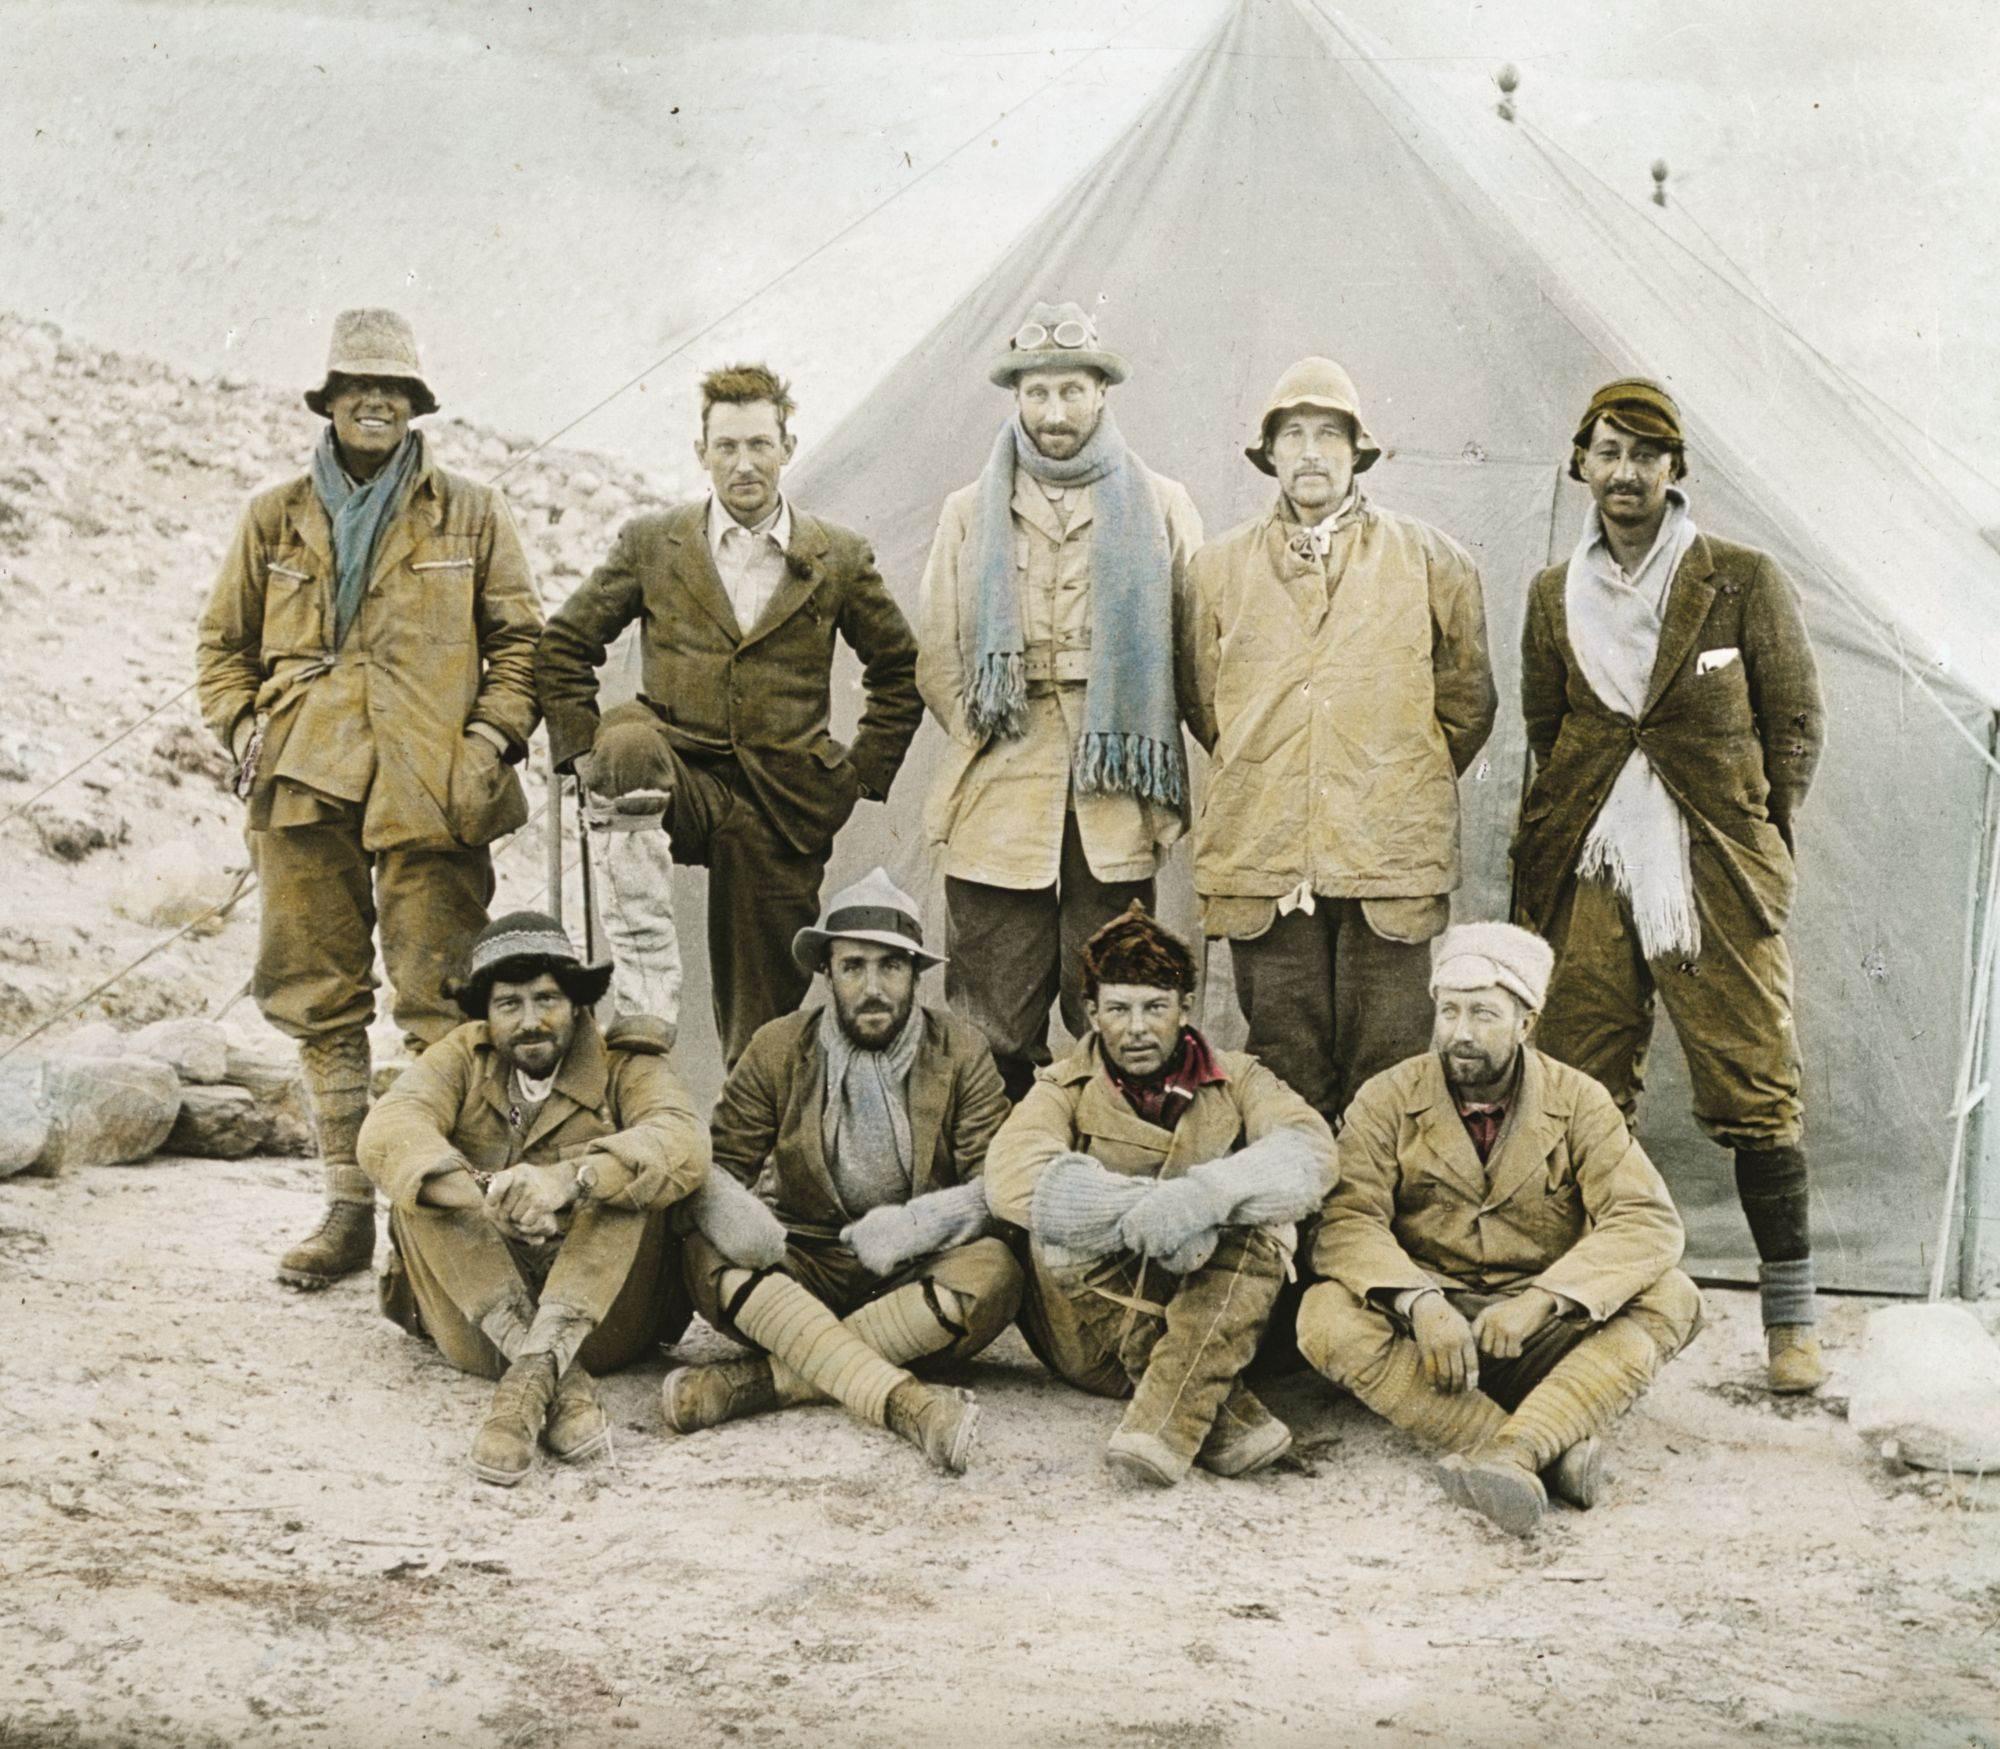 Na ovoj retuširanoj fotografiji vidimo nasmejanog Irvina (skroz levo) kako stoji pored Malorija, koji je stavio nogu na rame Šebiru, članu ekipe zaduženom za transport. Sa ovom hrabrom, prekaljenom ekipom penjača iz 1924. godine Britanci su napravili svoj treći pokušaj u četiri godine da osvoje Mont Everest.